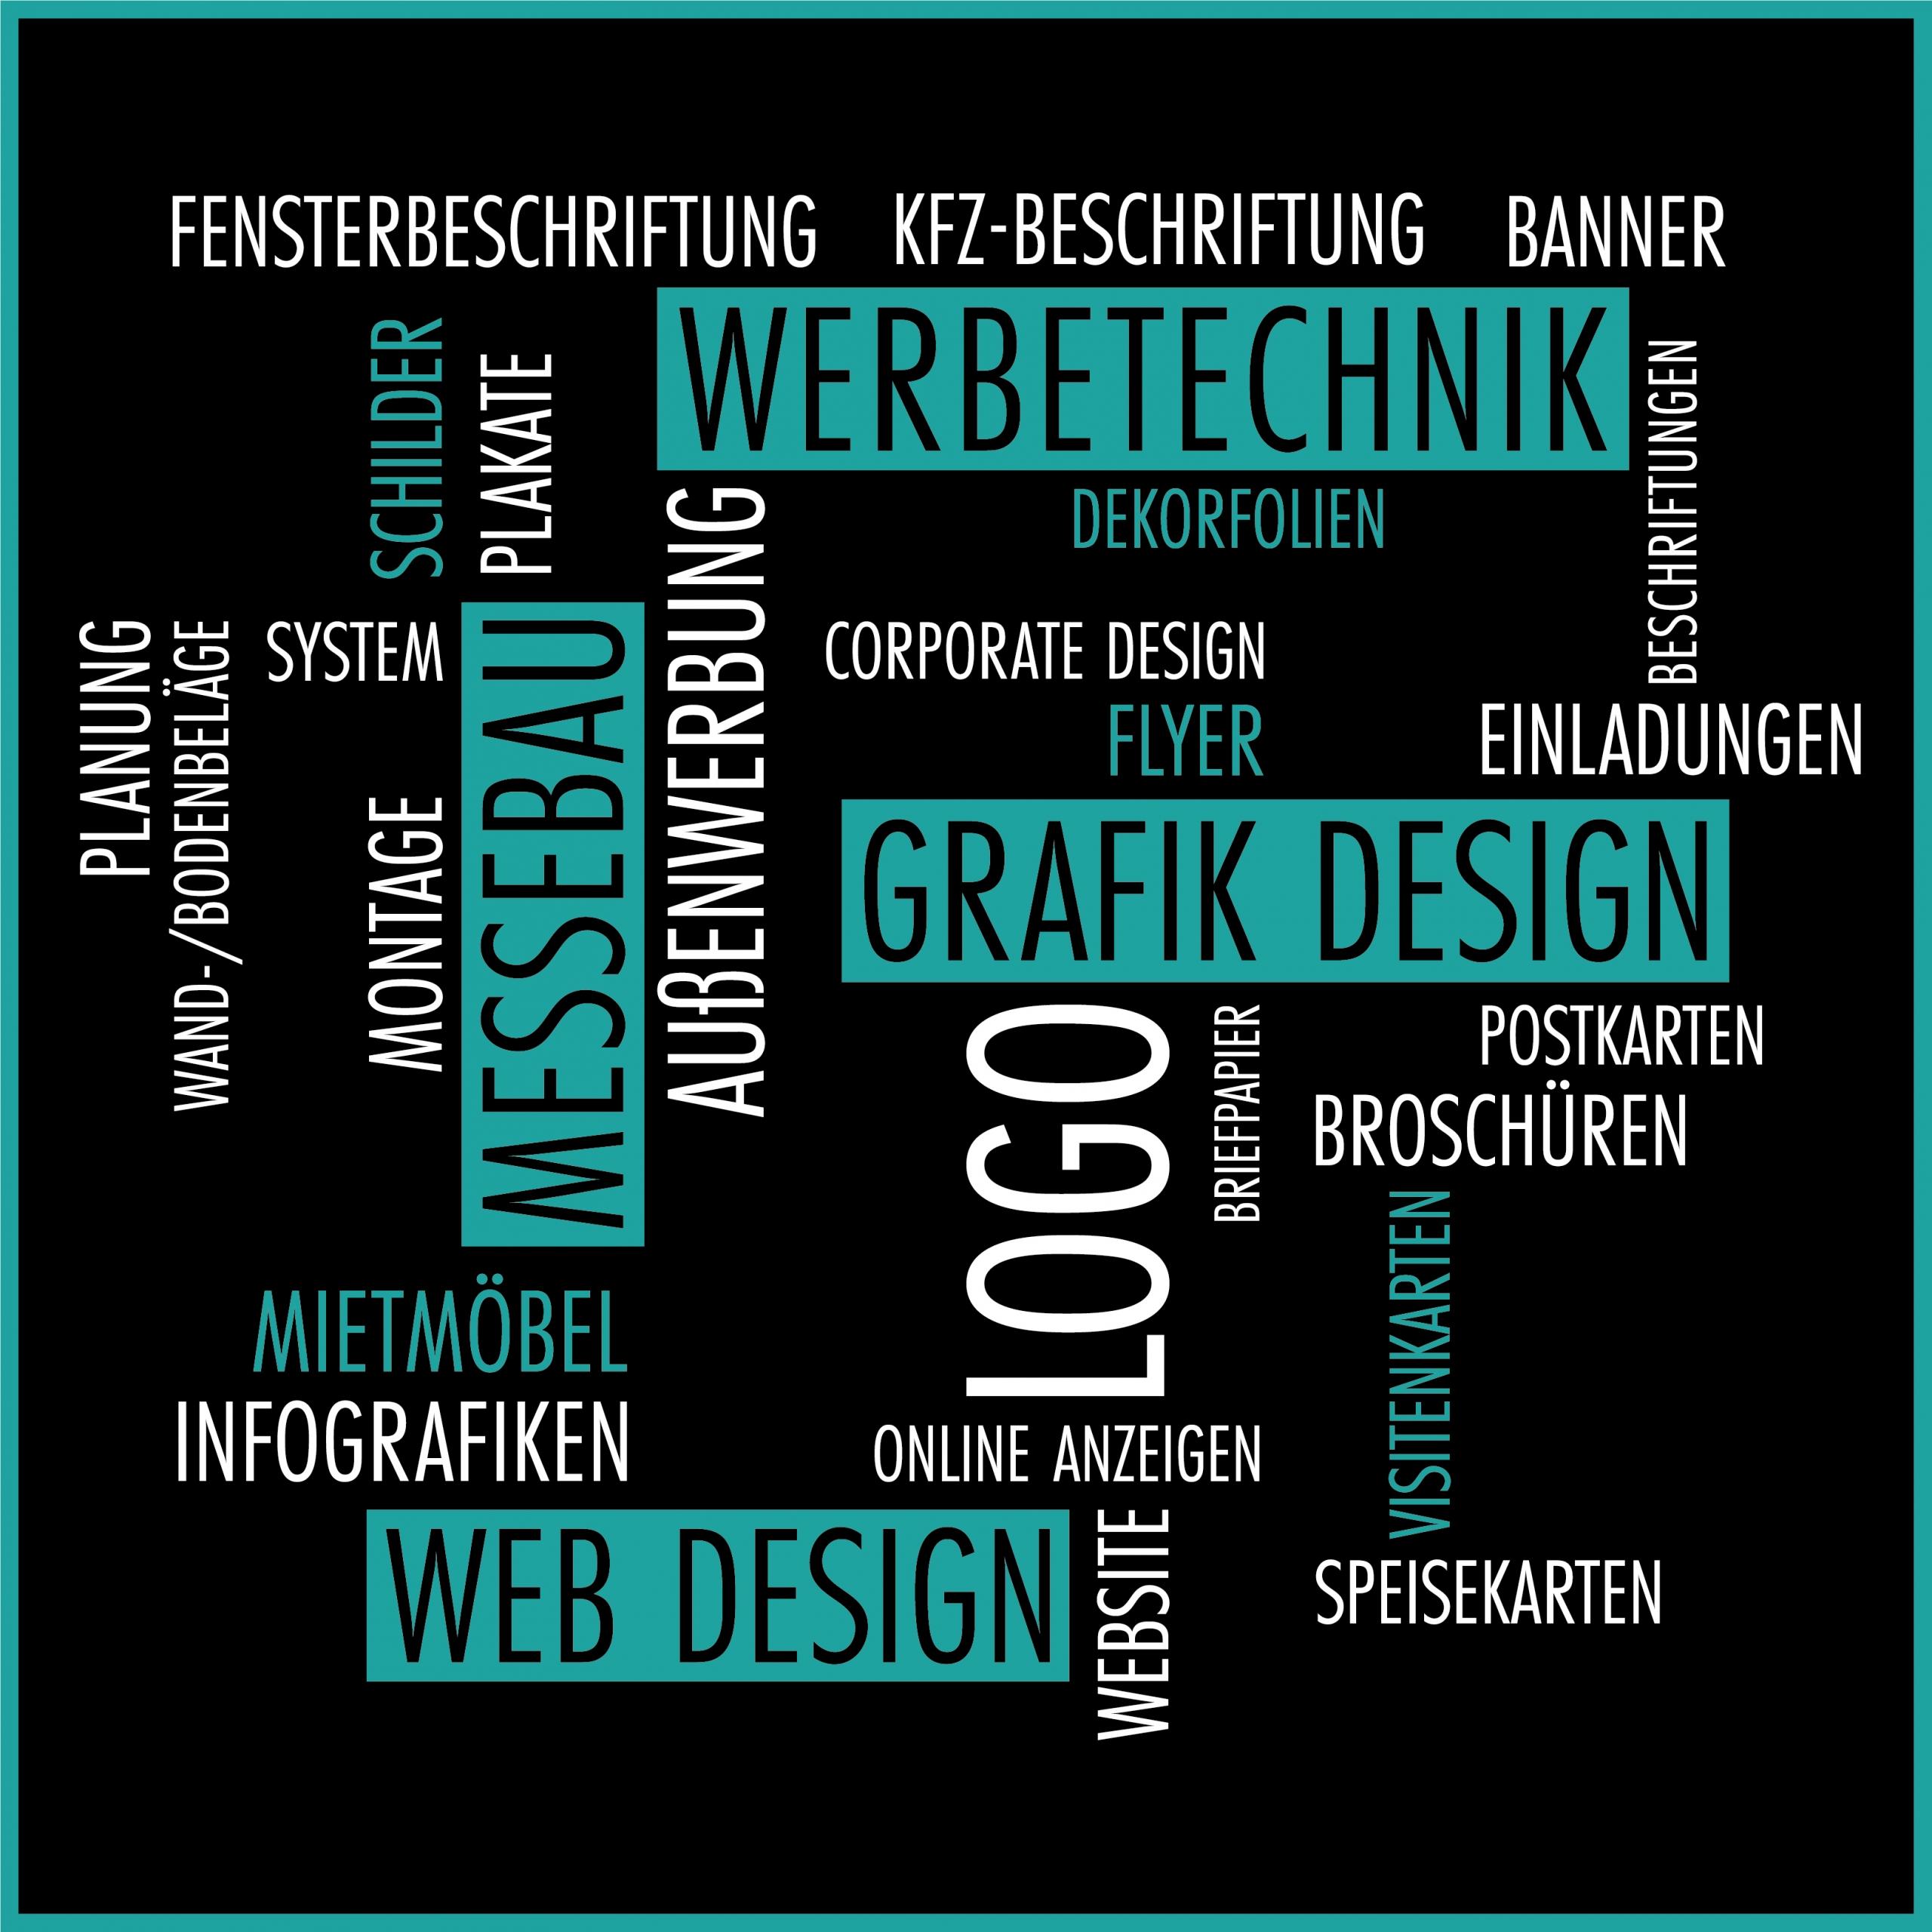 Weber Werbung Delligsen Infografik: Angebot im Bereich Messebau, Beschriftungen, Werbetechnik, Design